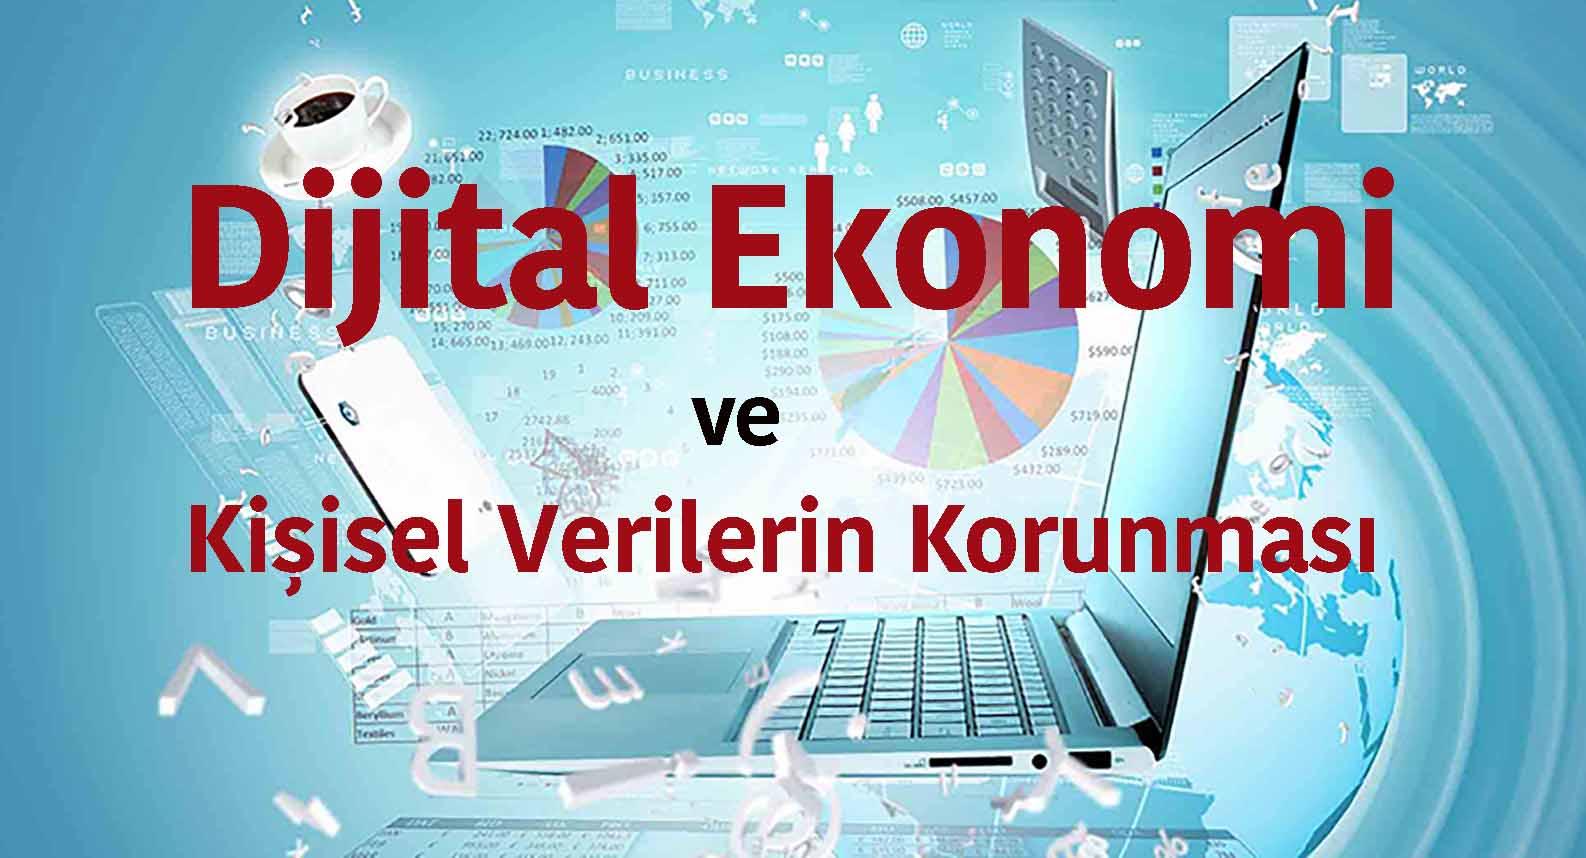 Dijital ekonomi Kişisel Verilerin Korunması